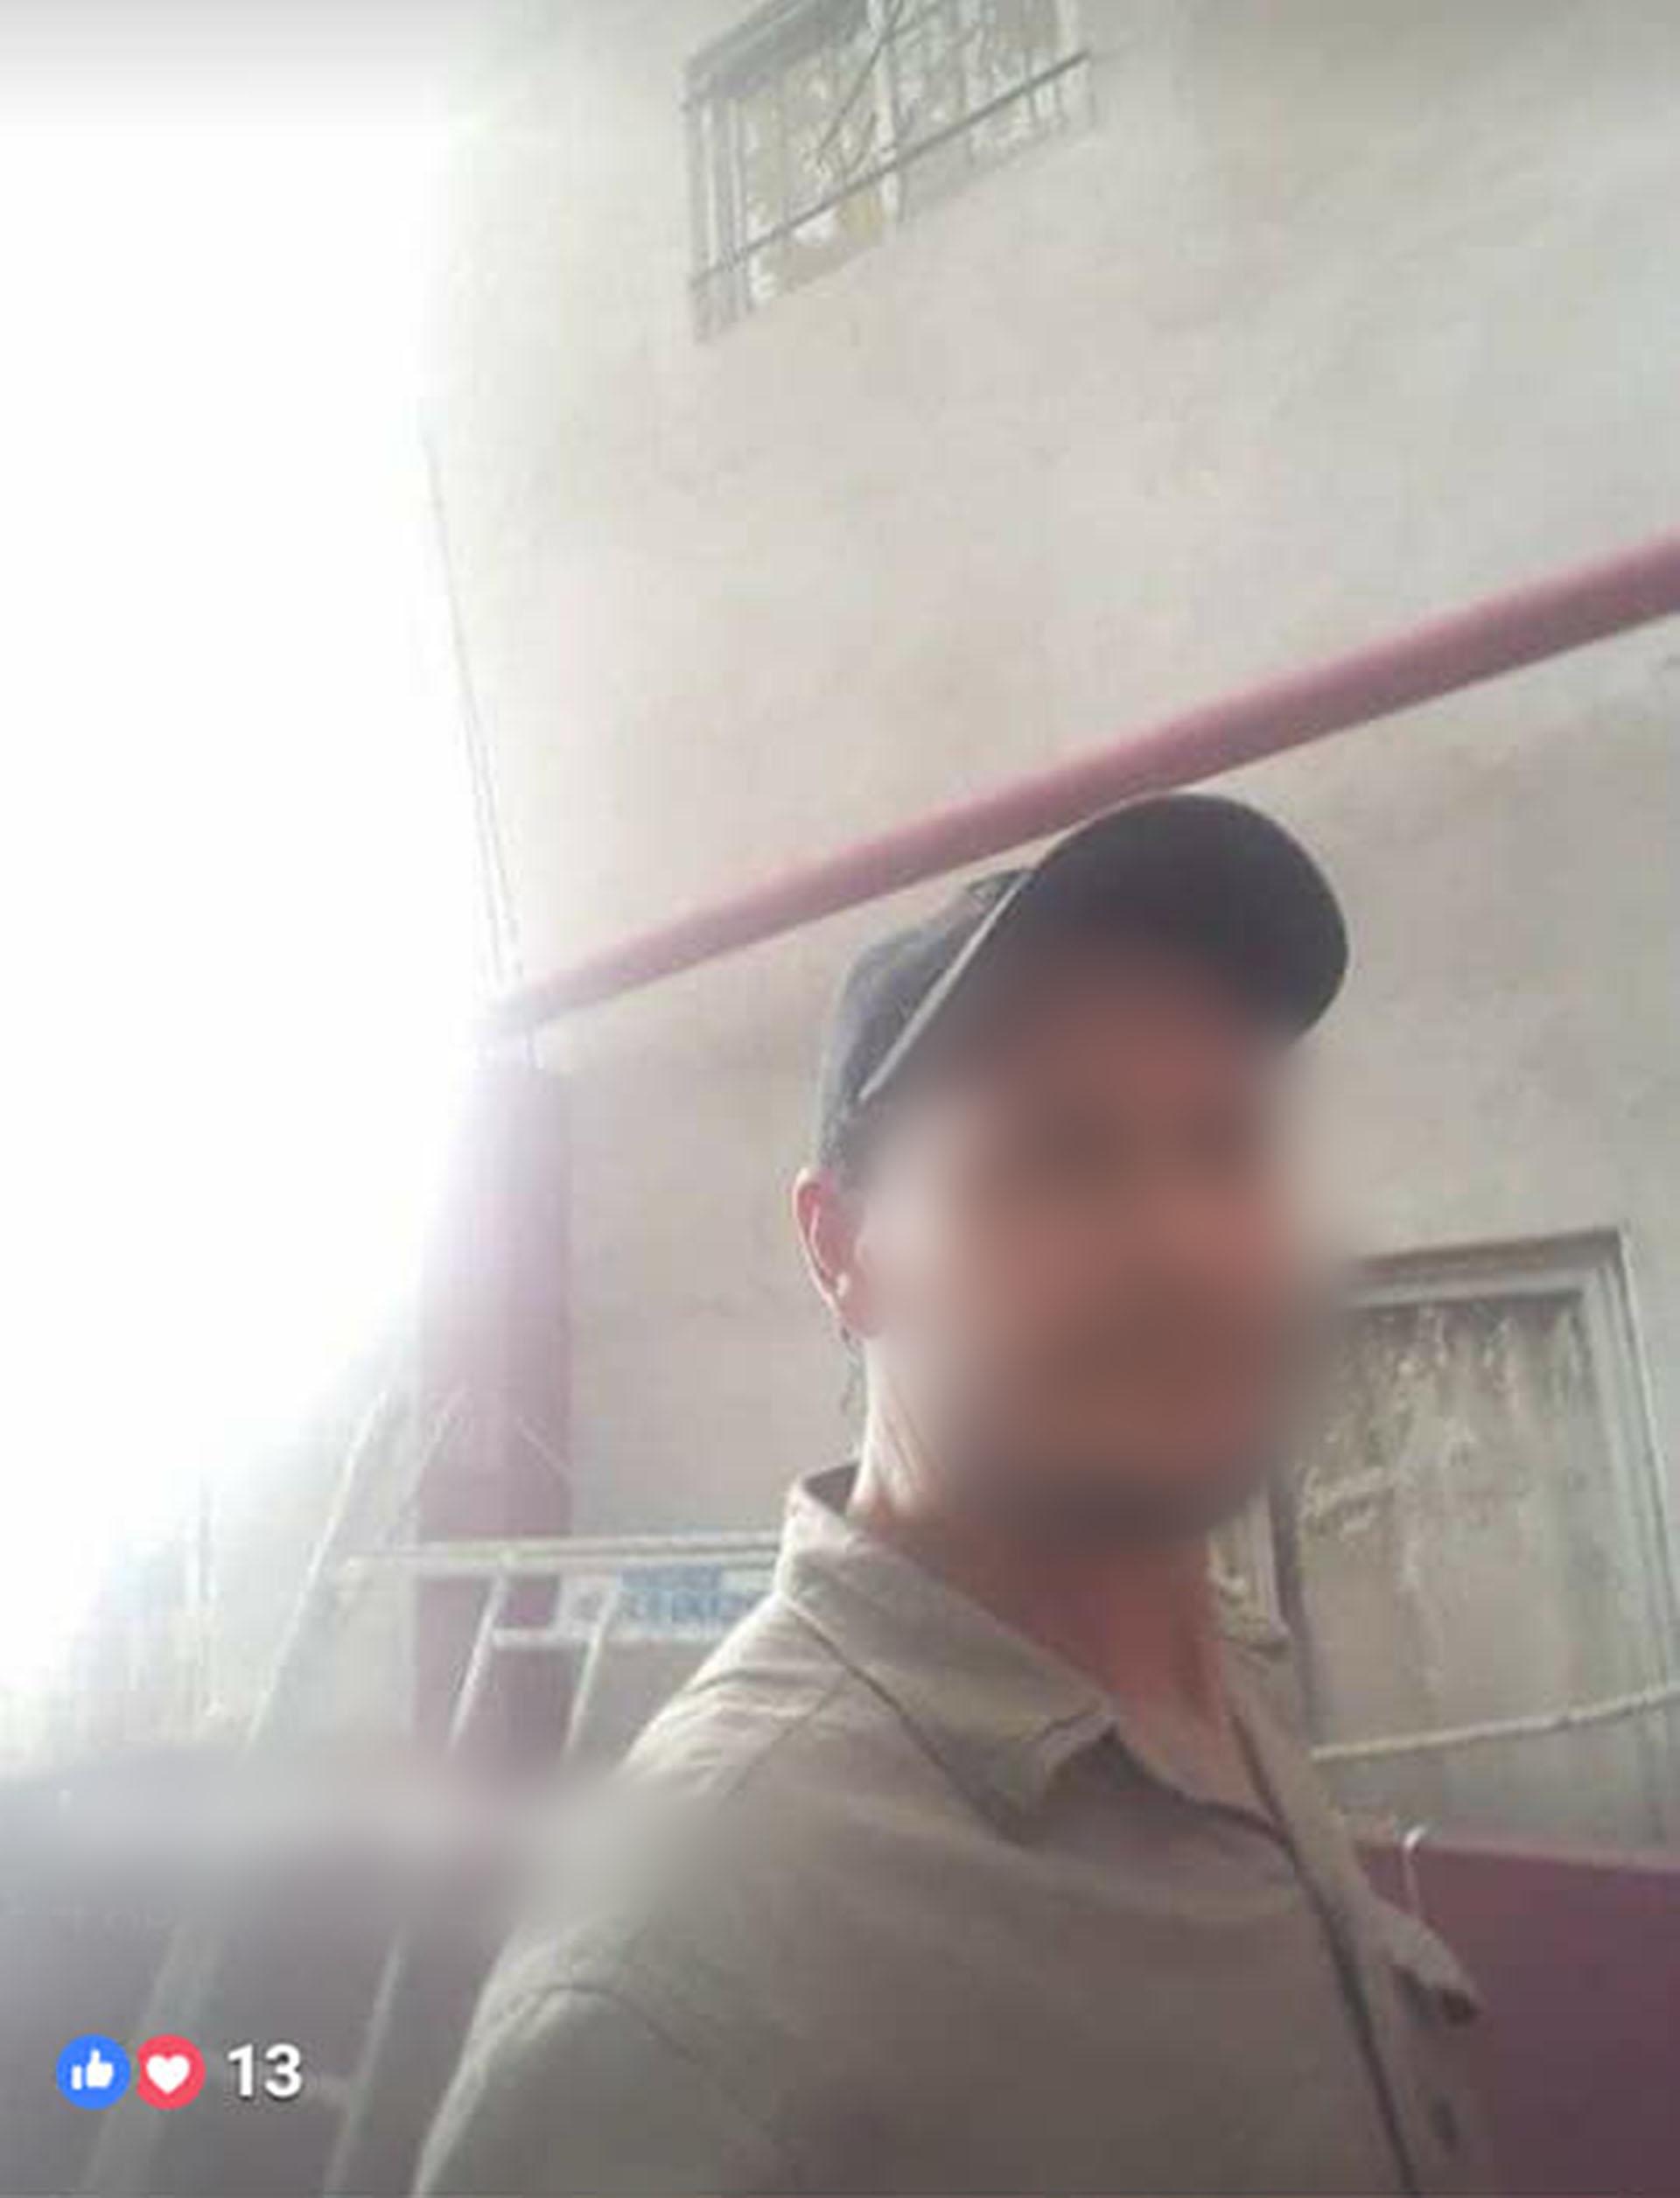 La imagen del hombre quecreyó chatear con unaniña de once años. Su cuenta de Facebook ya no existe